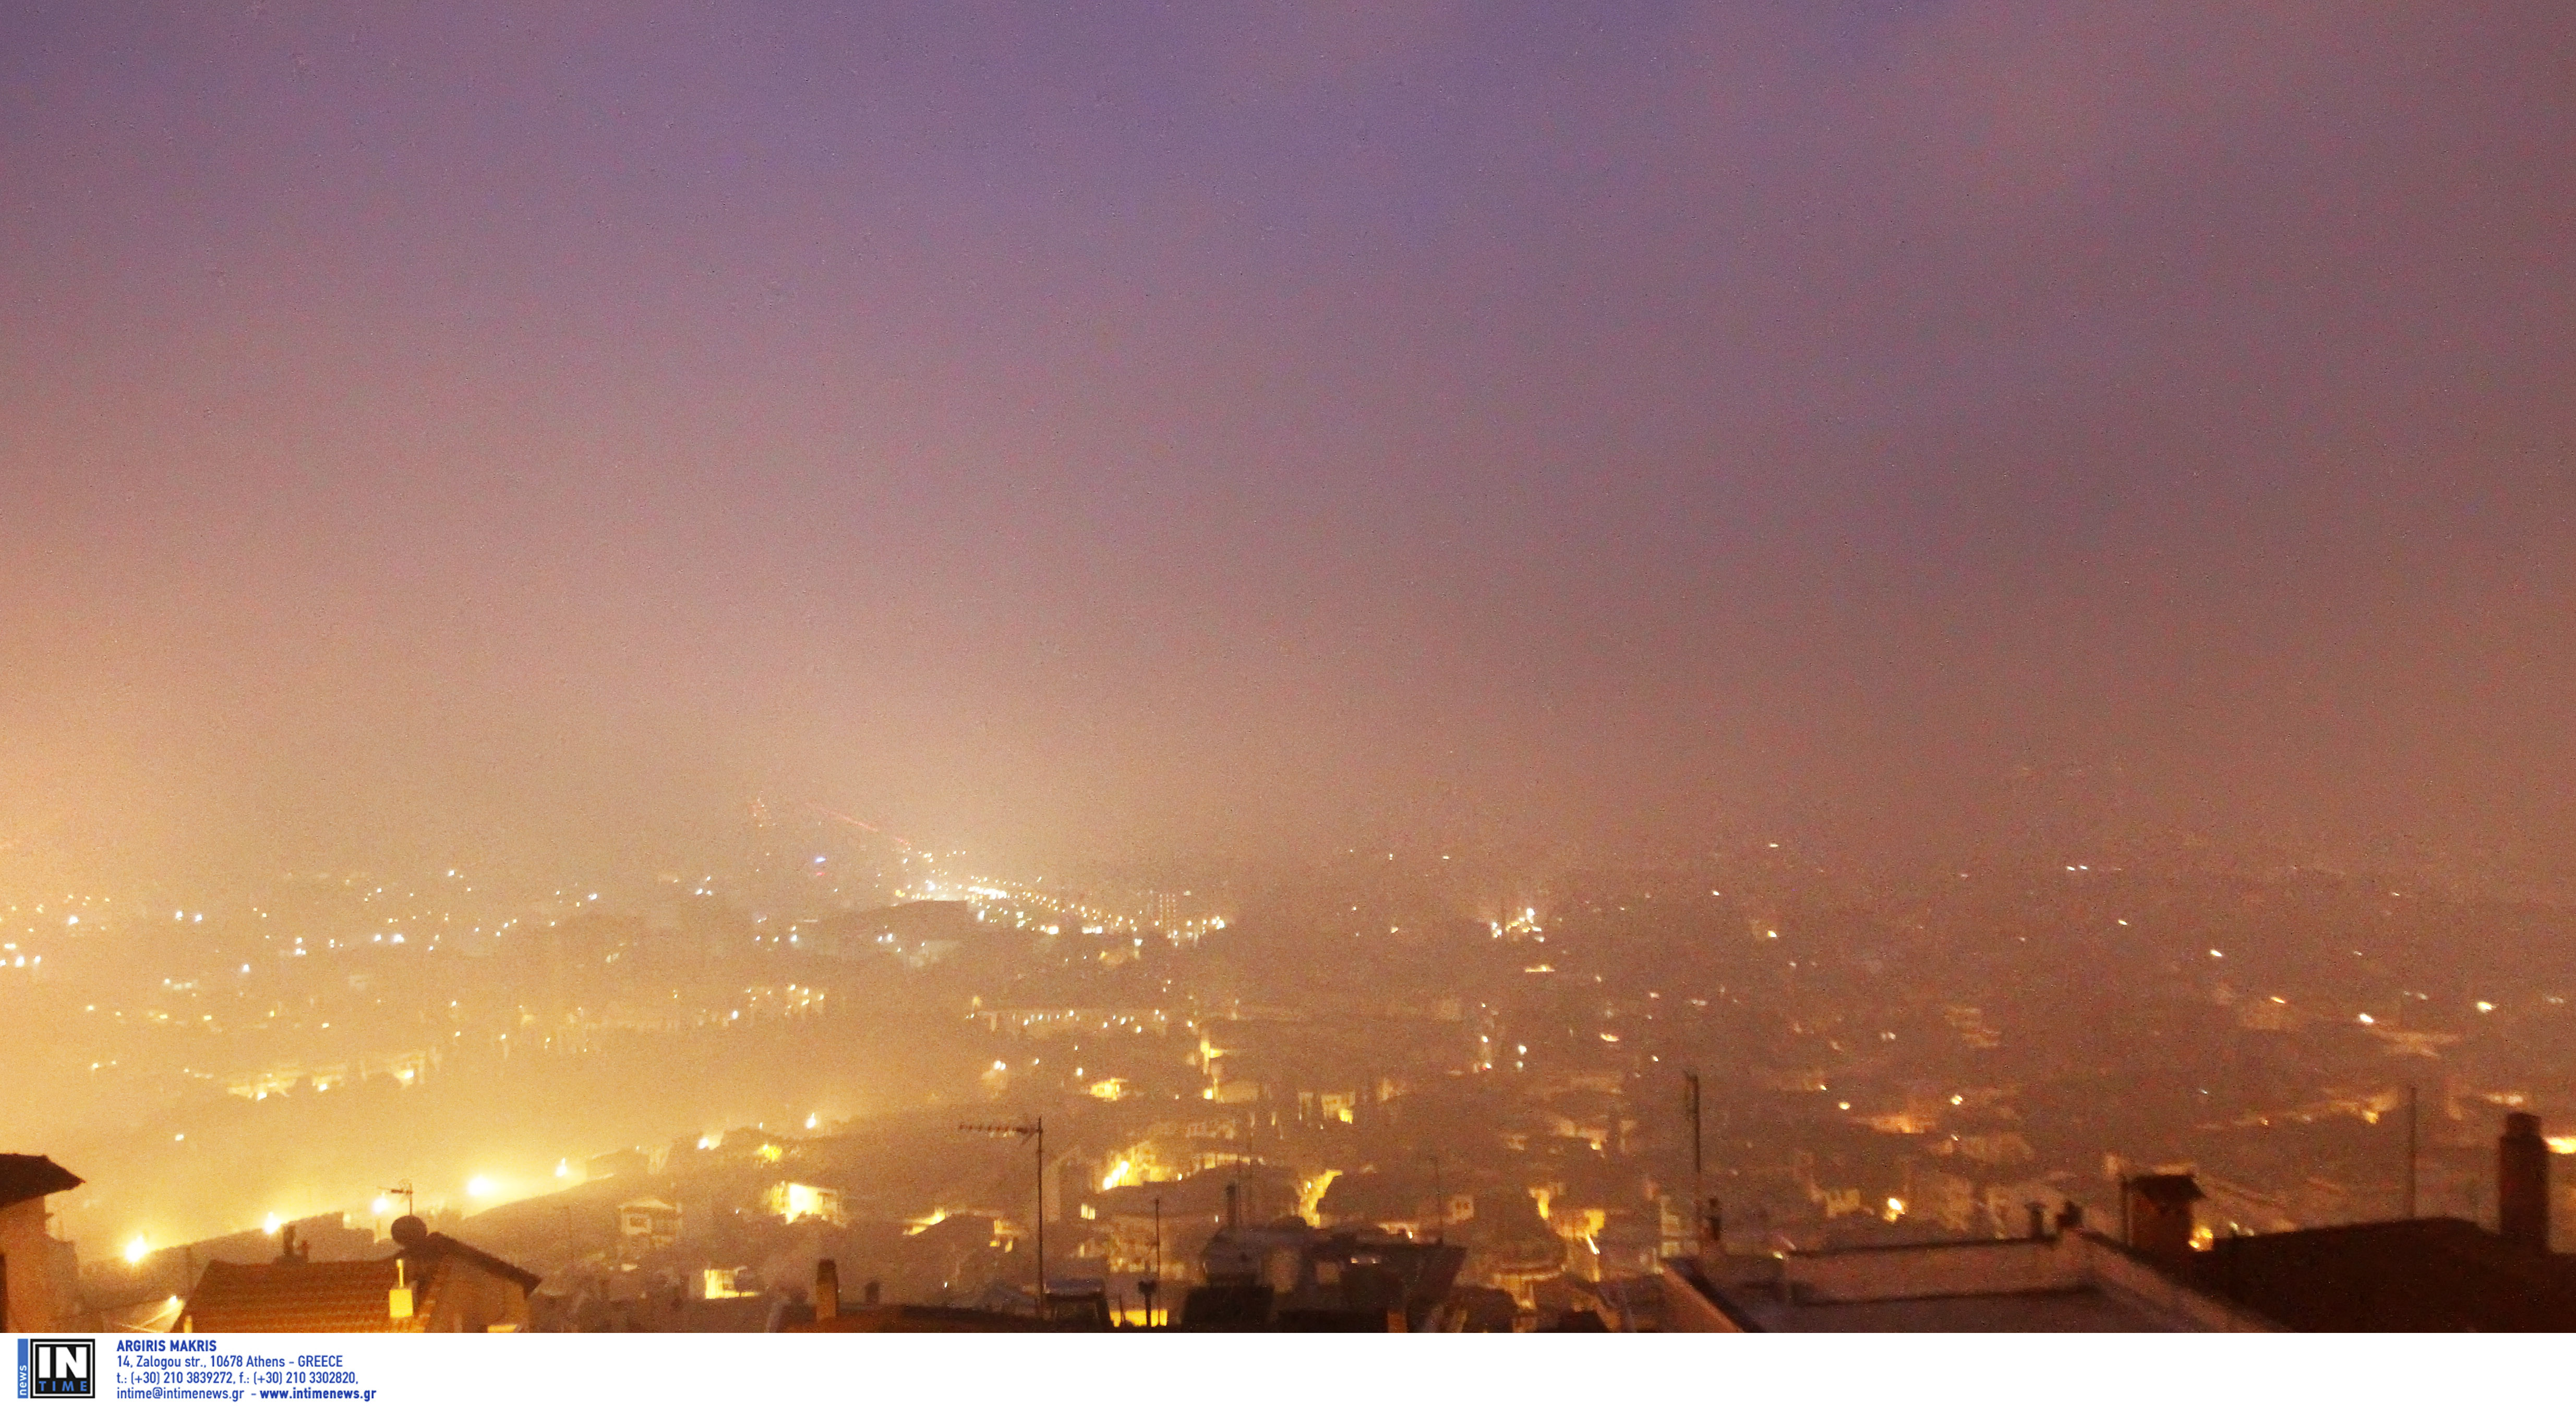 """Πάτρα: Ανησυχητικά στοιχεία για τη ρύπανση! """"Κακή η ποιότητα του αέρα τα βράδια"""""""